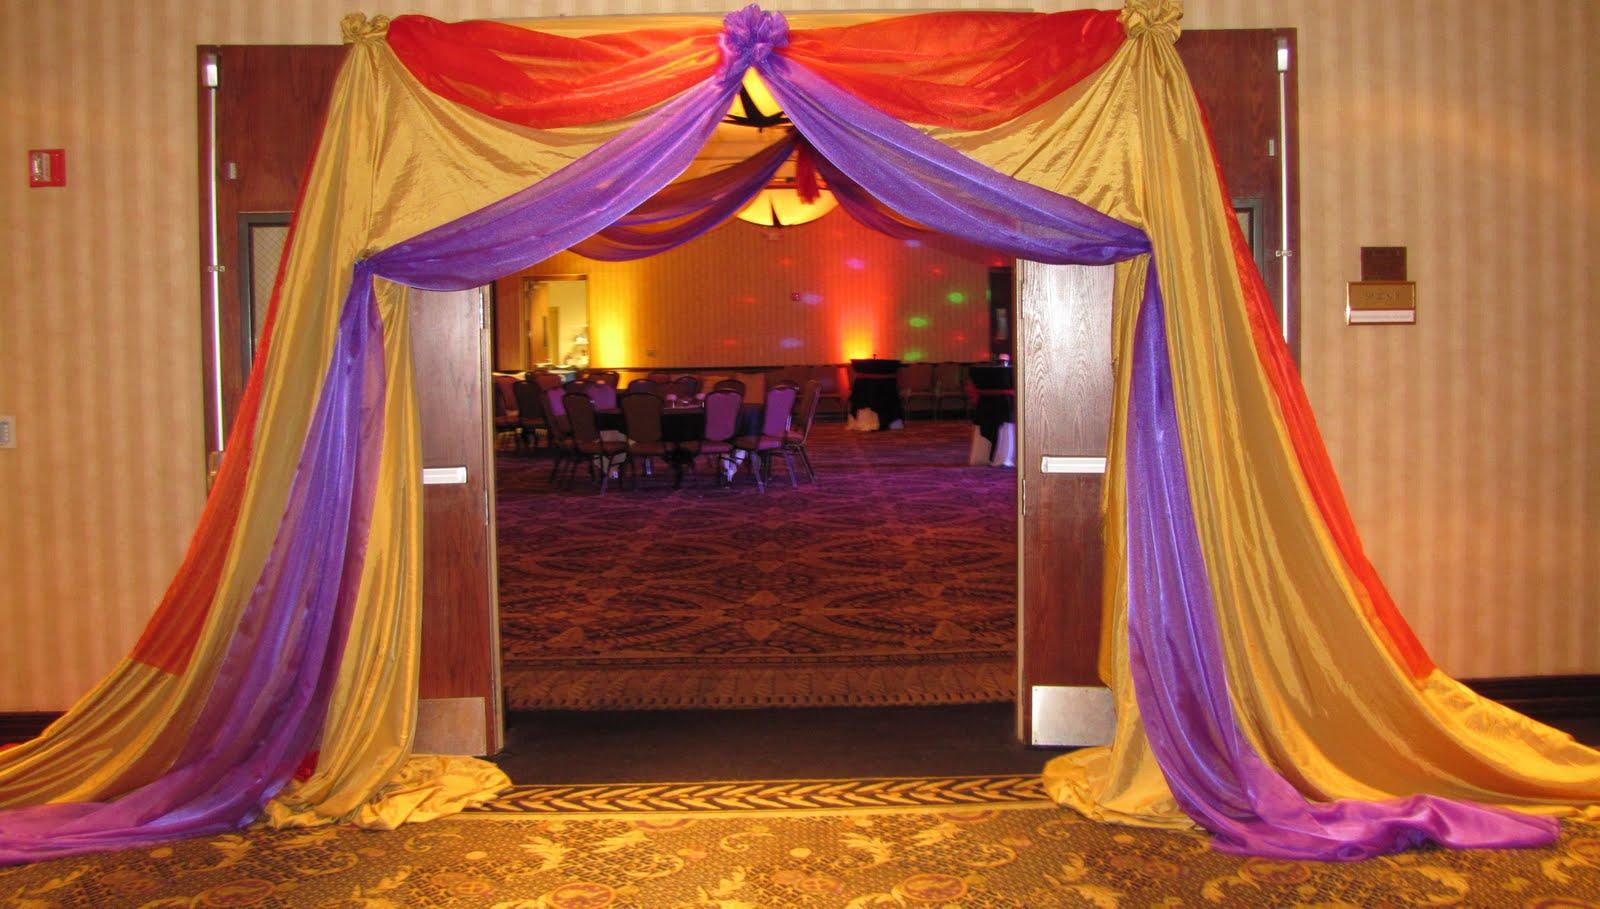 Night wedding decor ideas  Aaliyah Ali aaliyahali on Pinterest